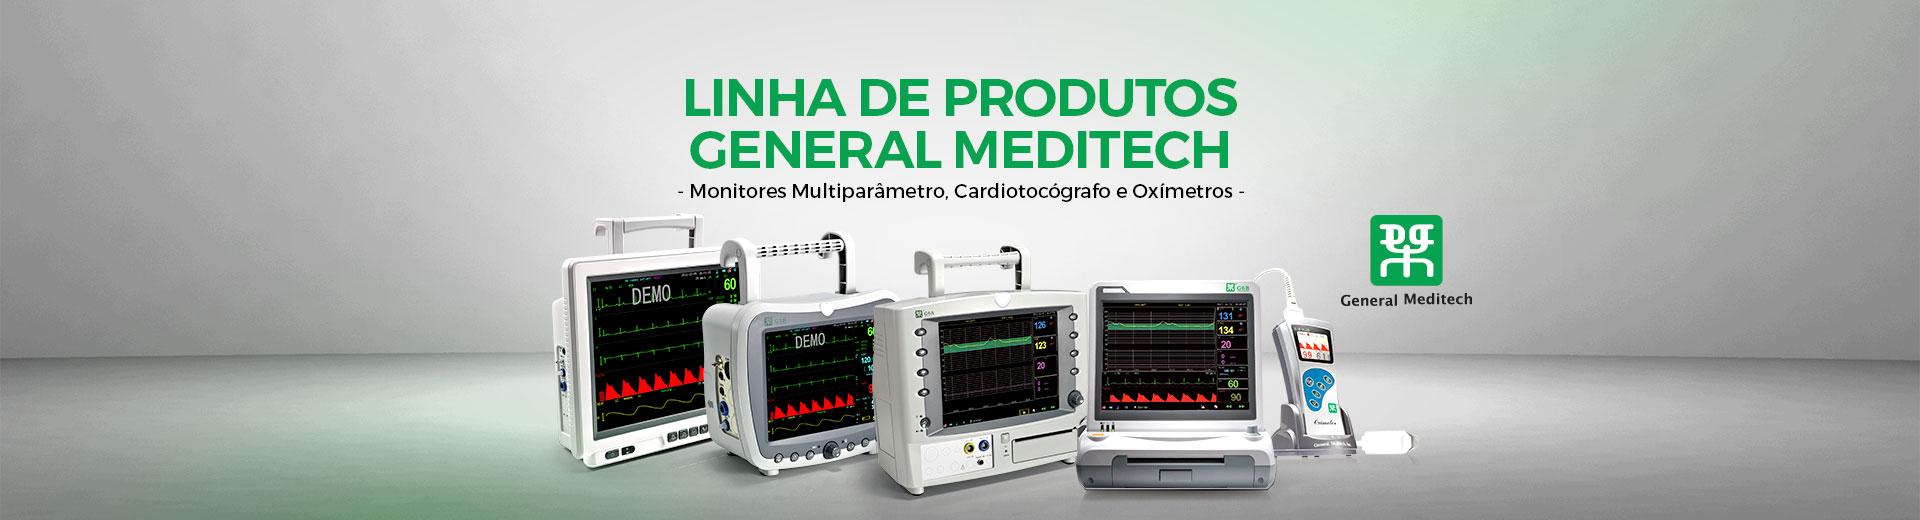 Vega-Hospitalar-Banner-01_Fev-2019-1